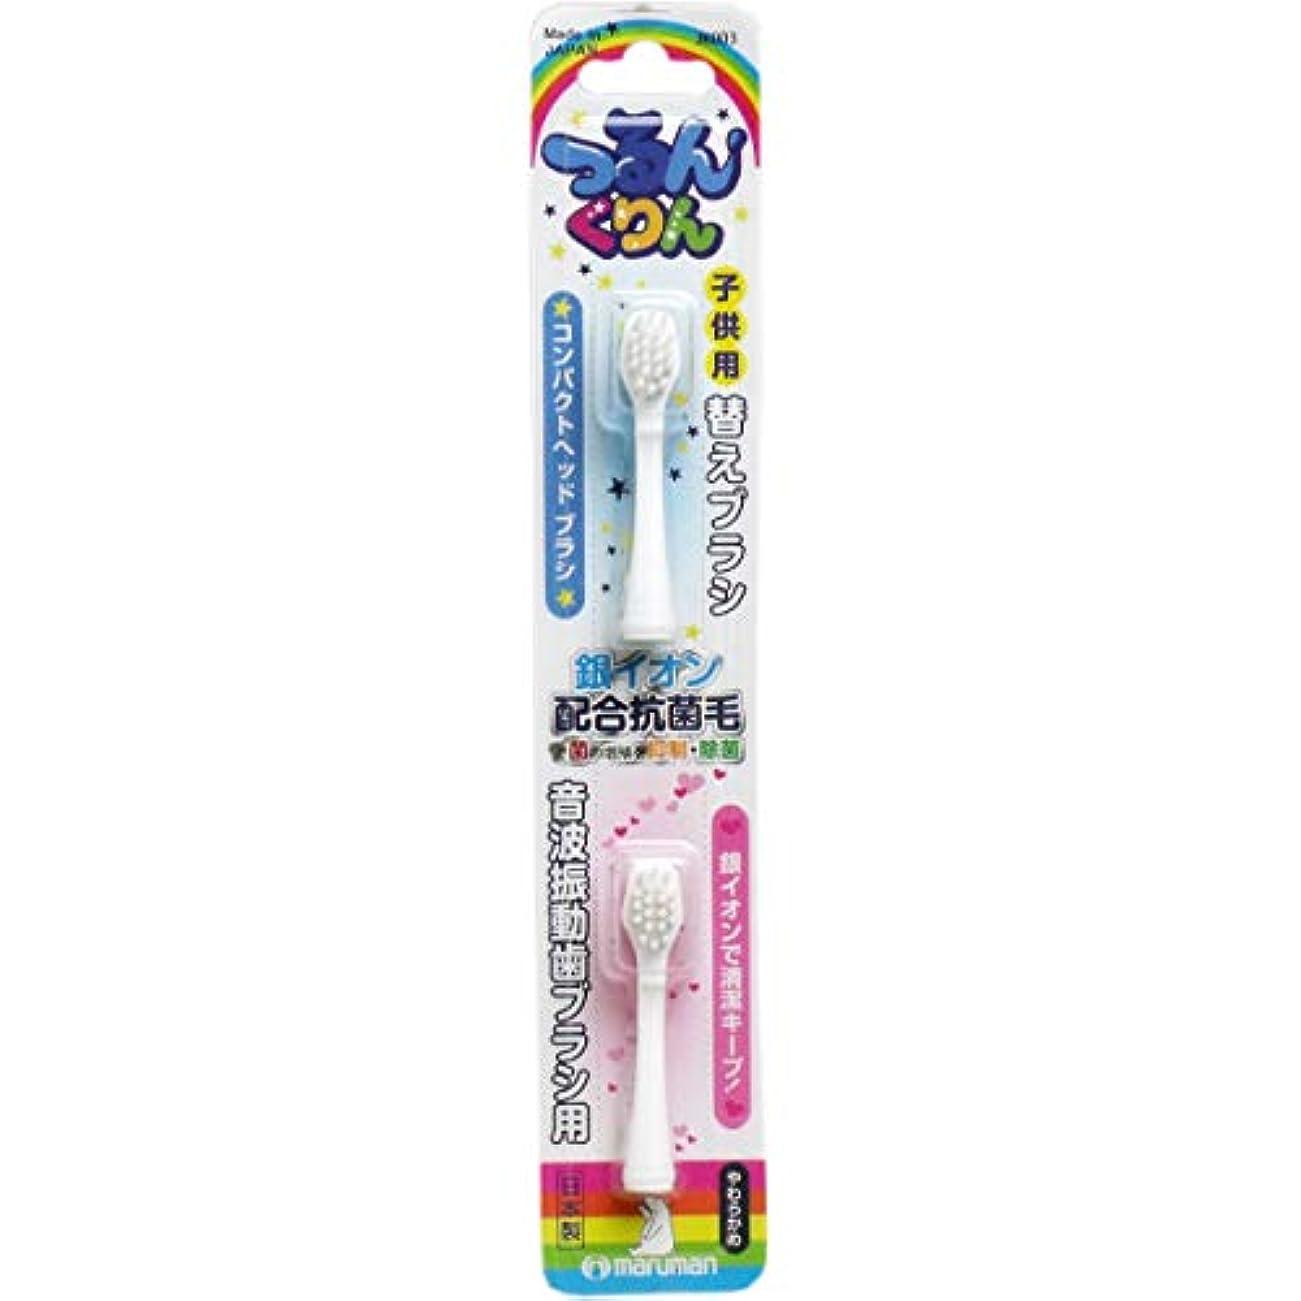 十分にリクルートツーリストつるんくりん 音波振動歯ブラシ 子供用 替えブラシ JK003